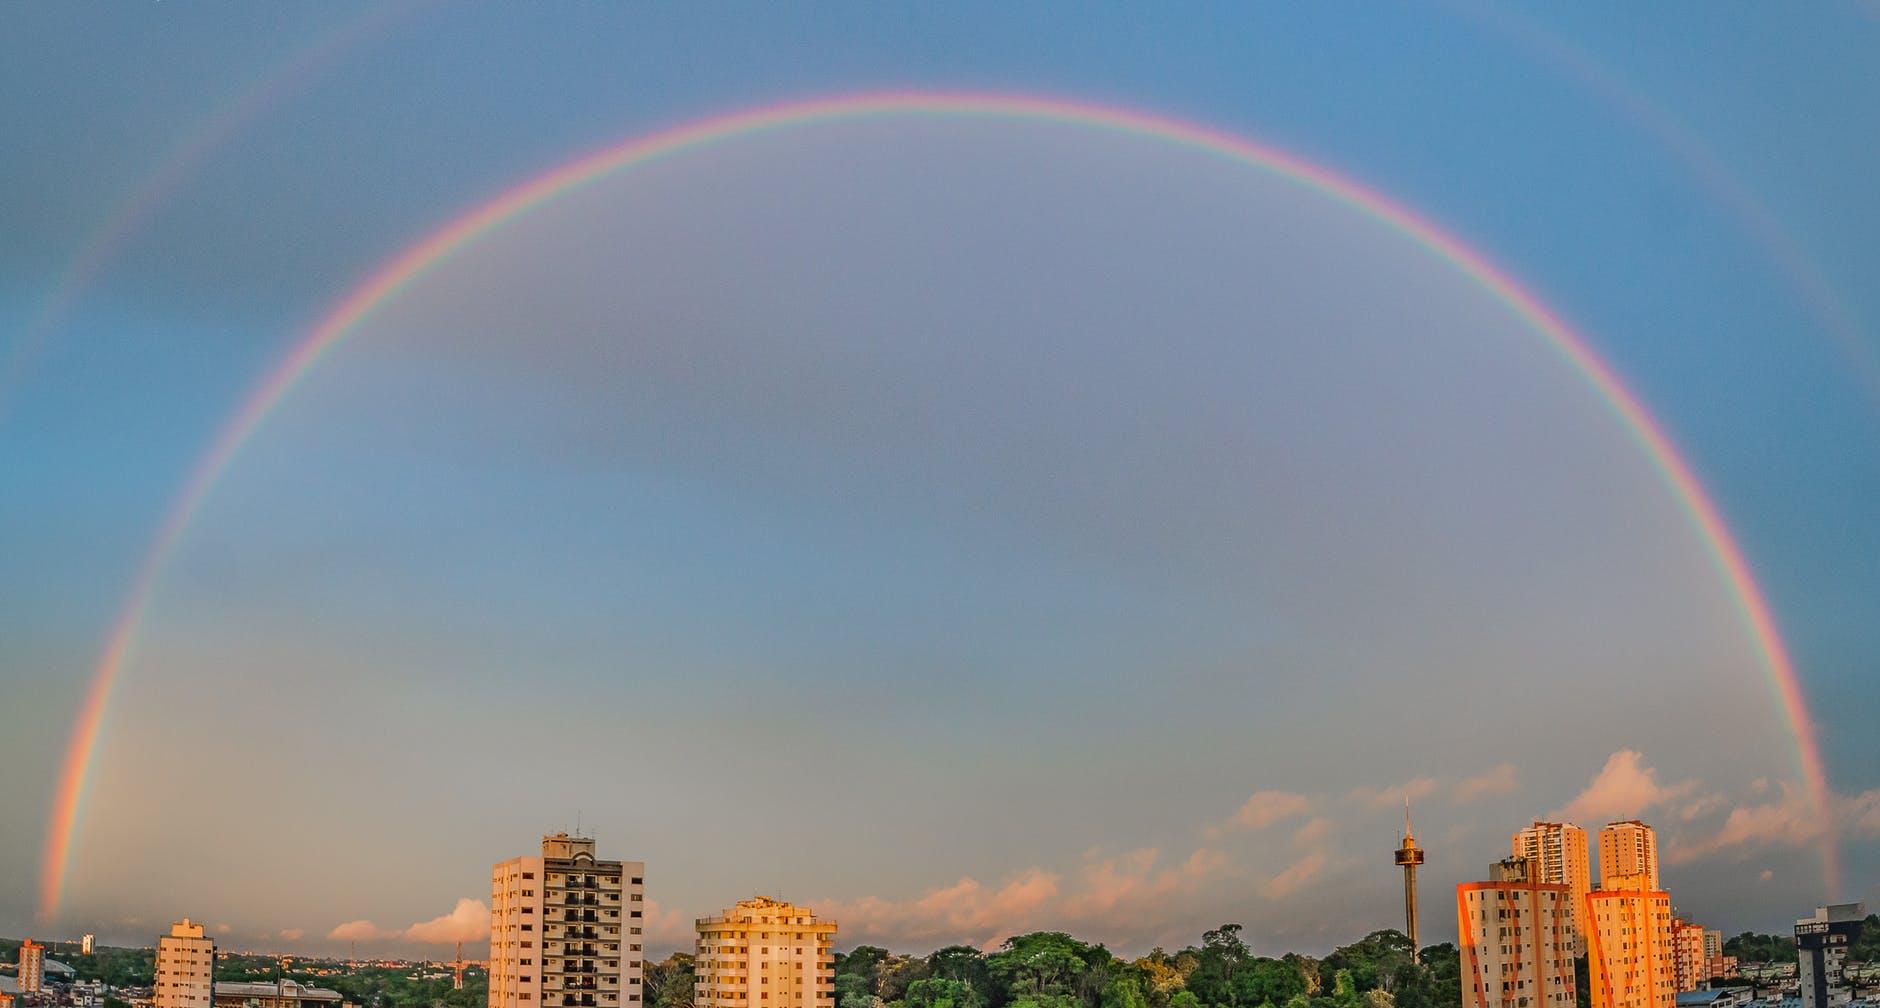 rainbow over high rise buildings